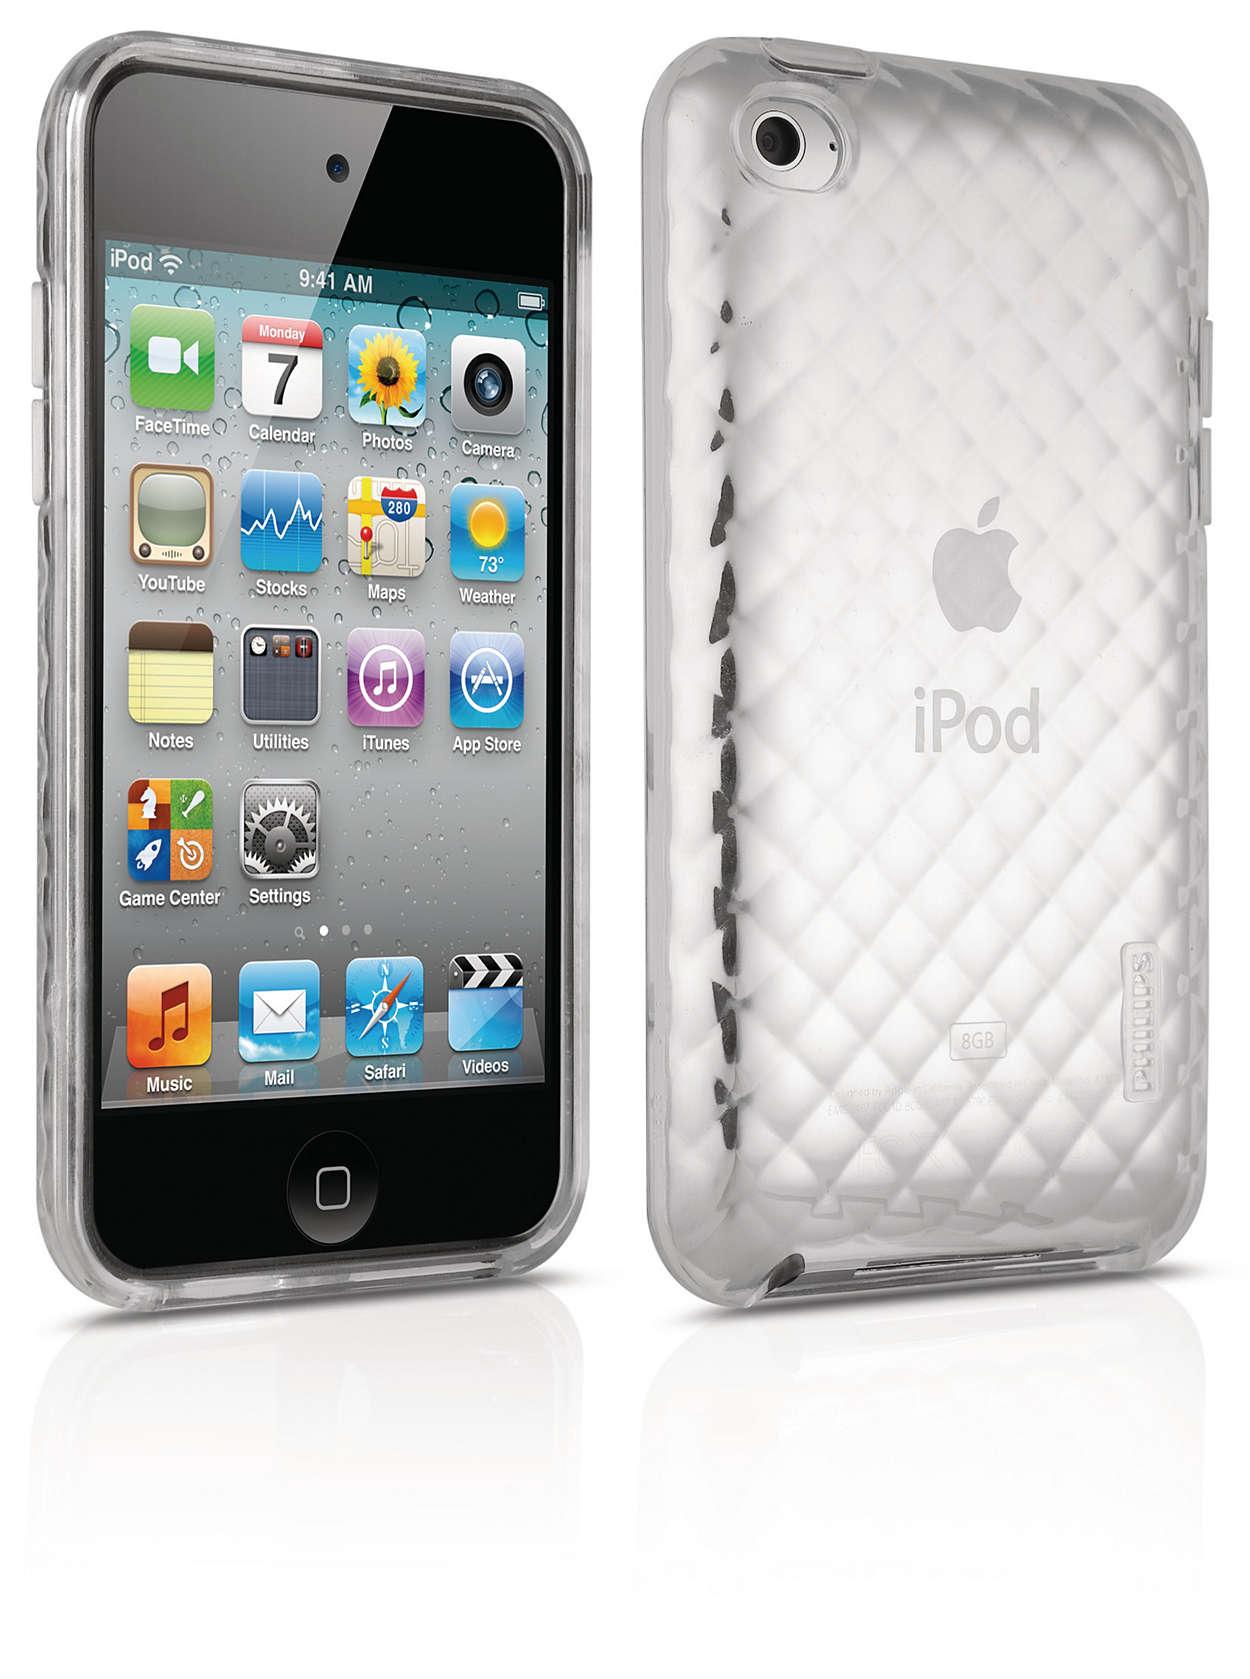 Protégez votre iPod dans un étui souple